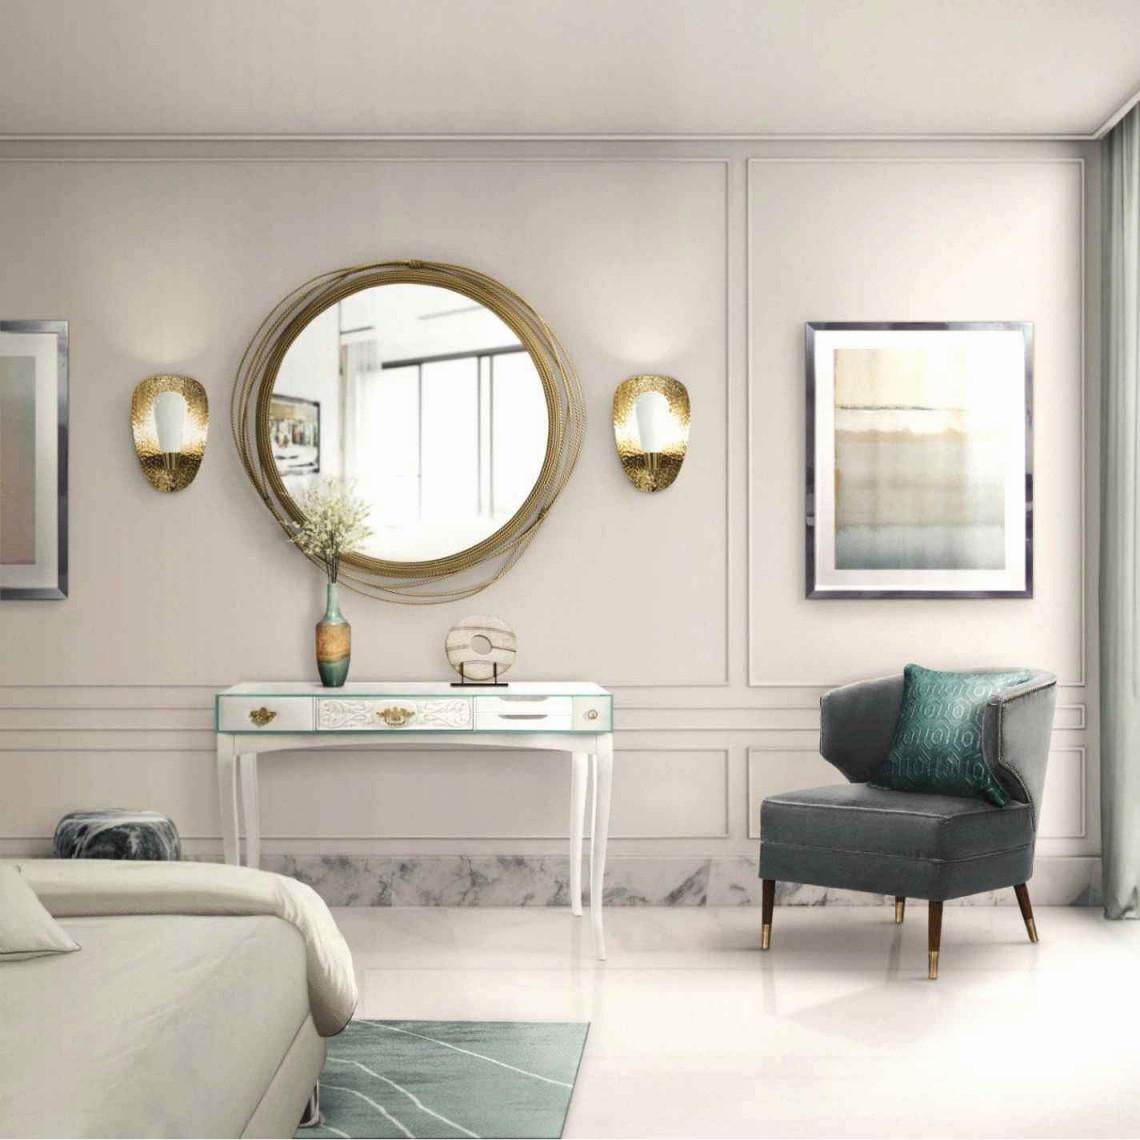 38 Genial Wohnzimmer Mit Dachschräge Inspirierend von Wohnzimmer Ideen Dachschräge Bild